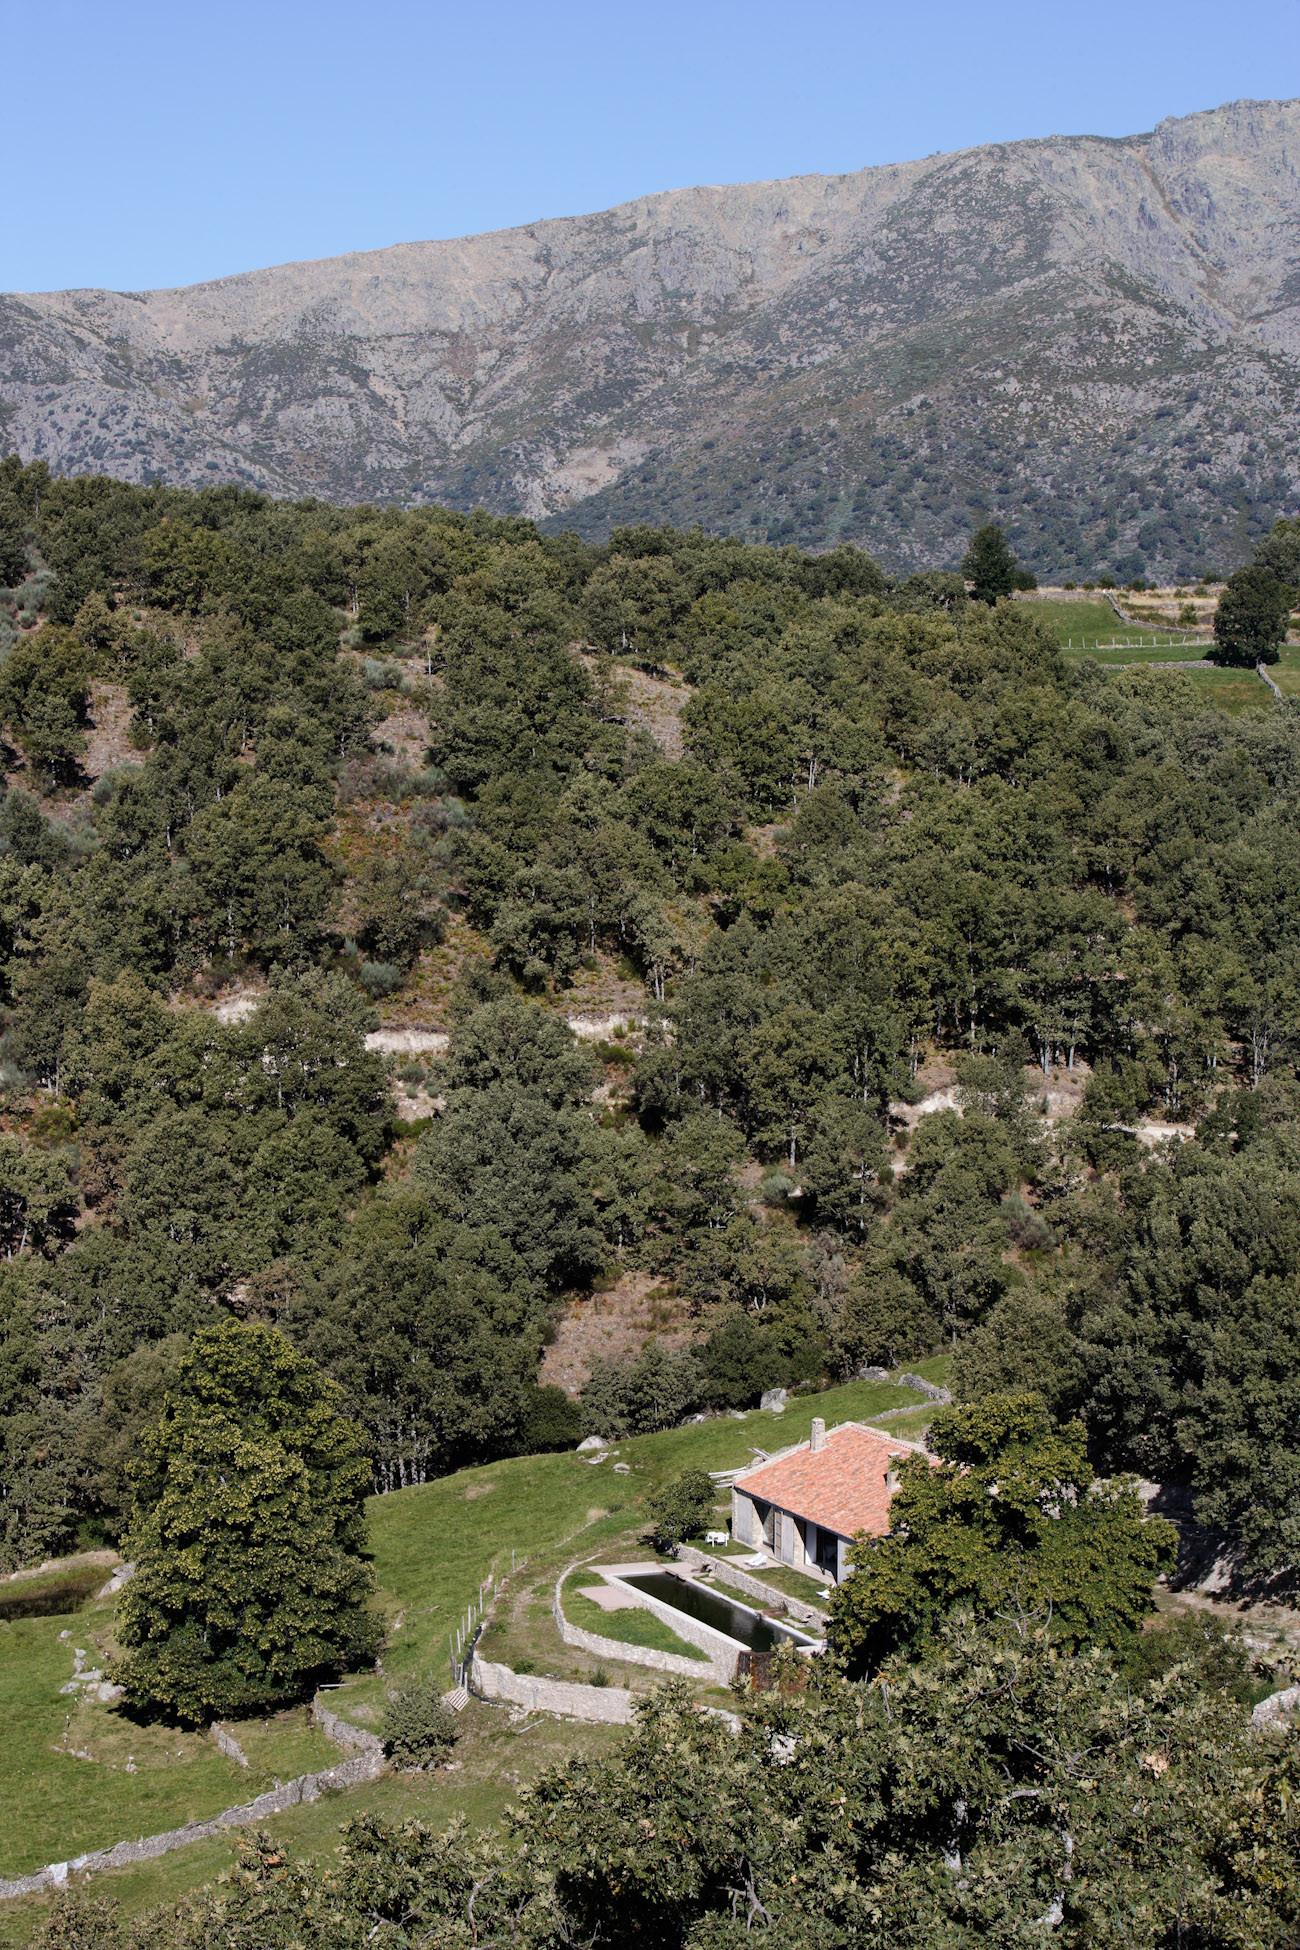 154 - De antiguo establo rural a fantástica casa rústica en Cáceres: un remanso de paz y naturaleza